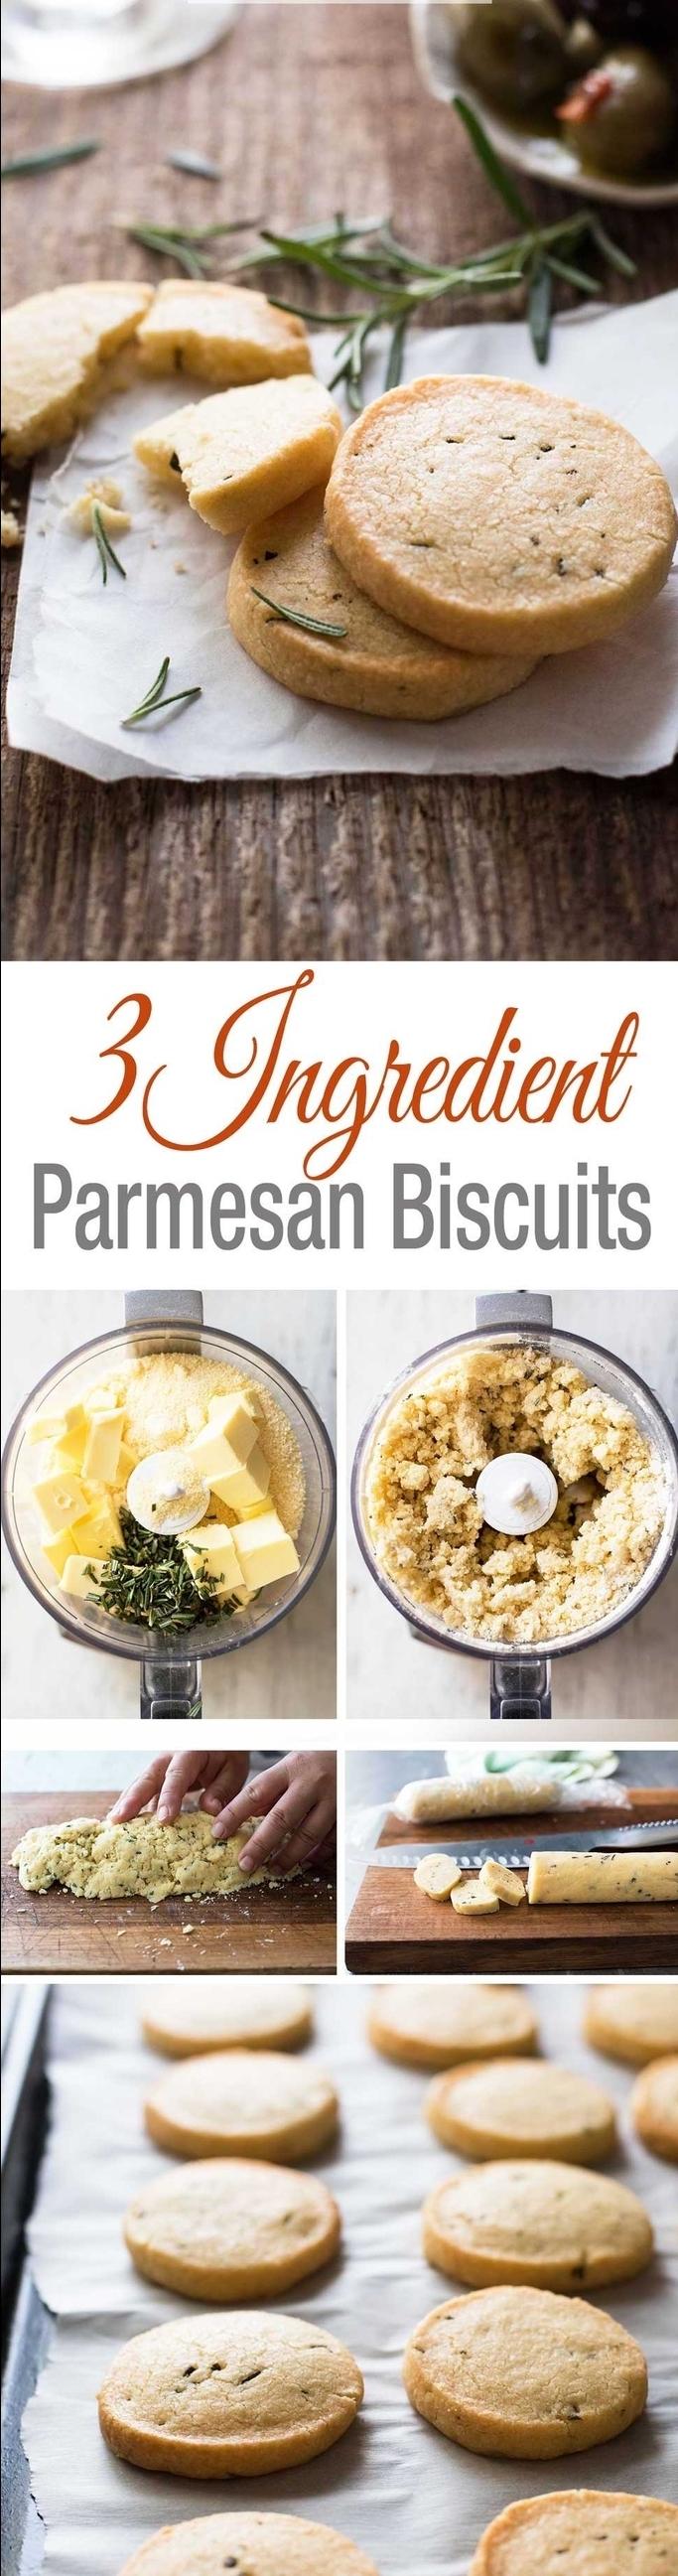 une recette végétarienne rapide à trois ingrédients de biscuits sablés au parmesan